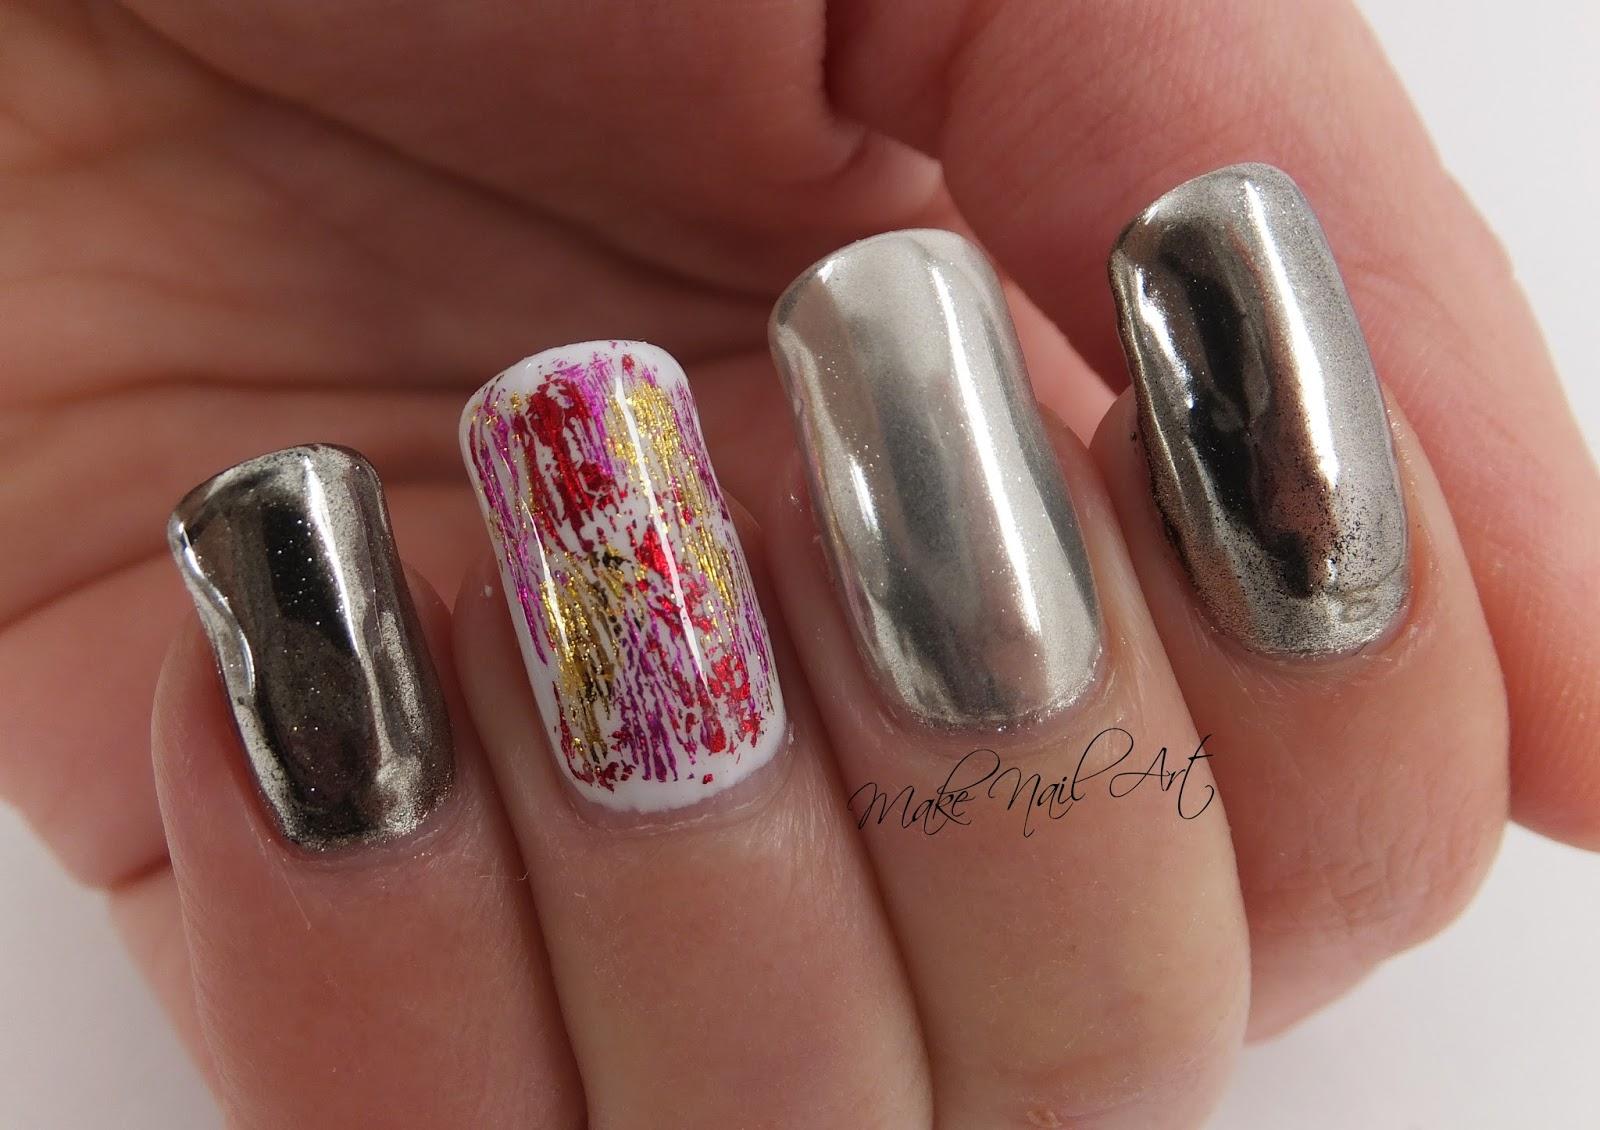 Make Nail Art: Mirror Powder And Foil Gel Polish Nails Nail Art ...